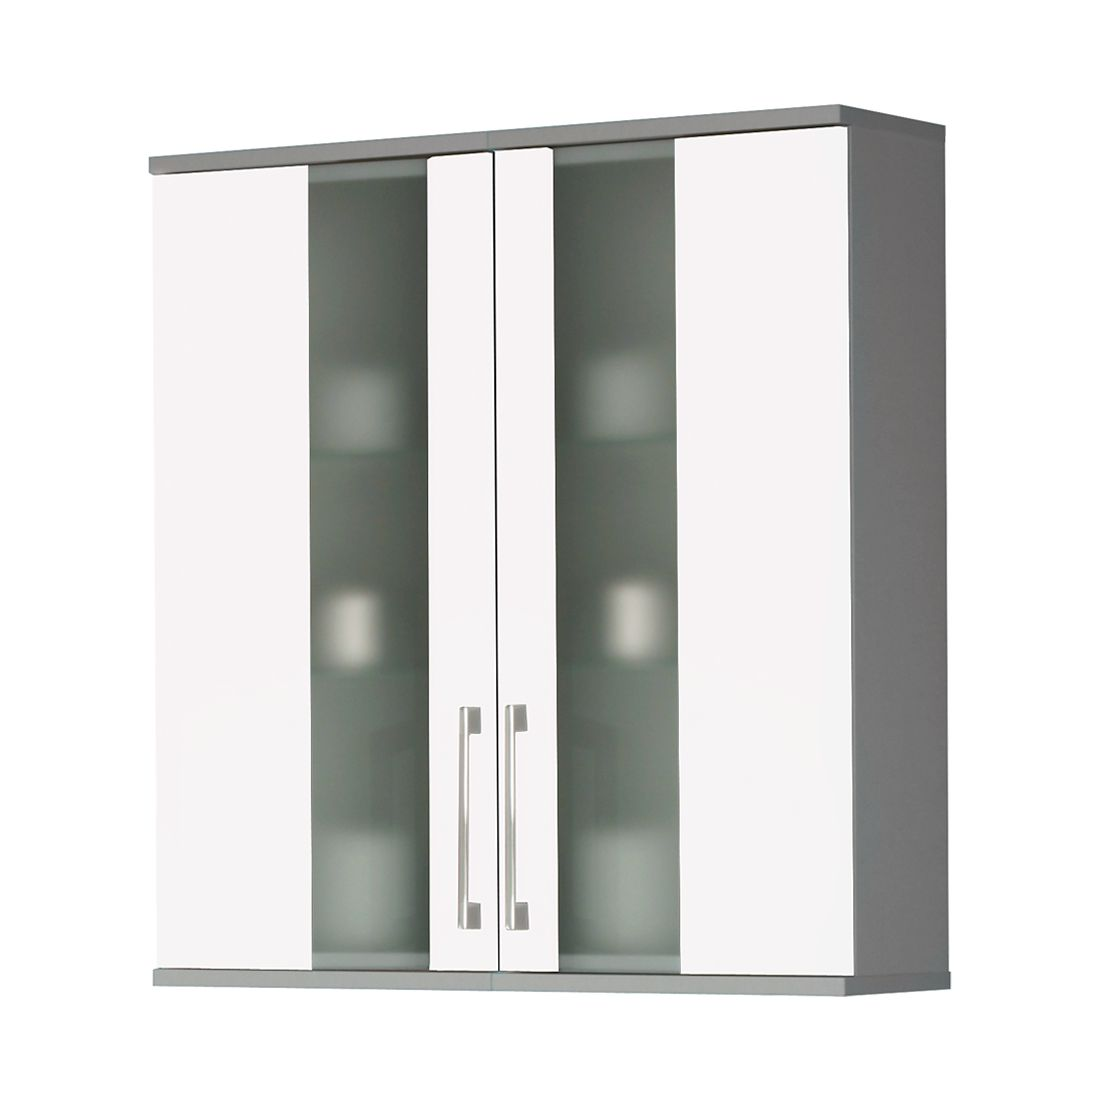 Home 24 - Armoire suspendue treviso - modèle large - blanc / couleur aluminium, kesper badmöbel